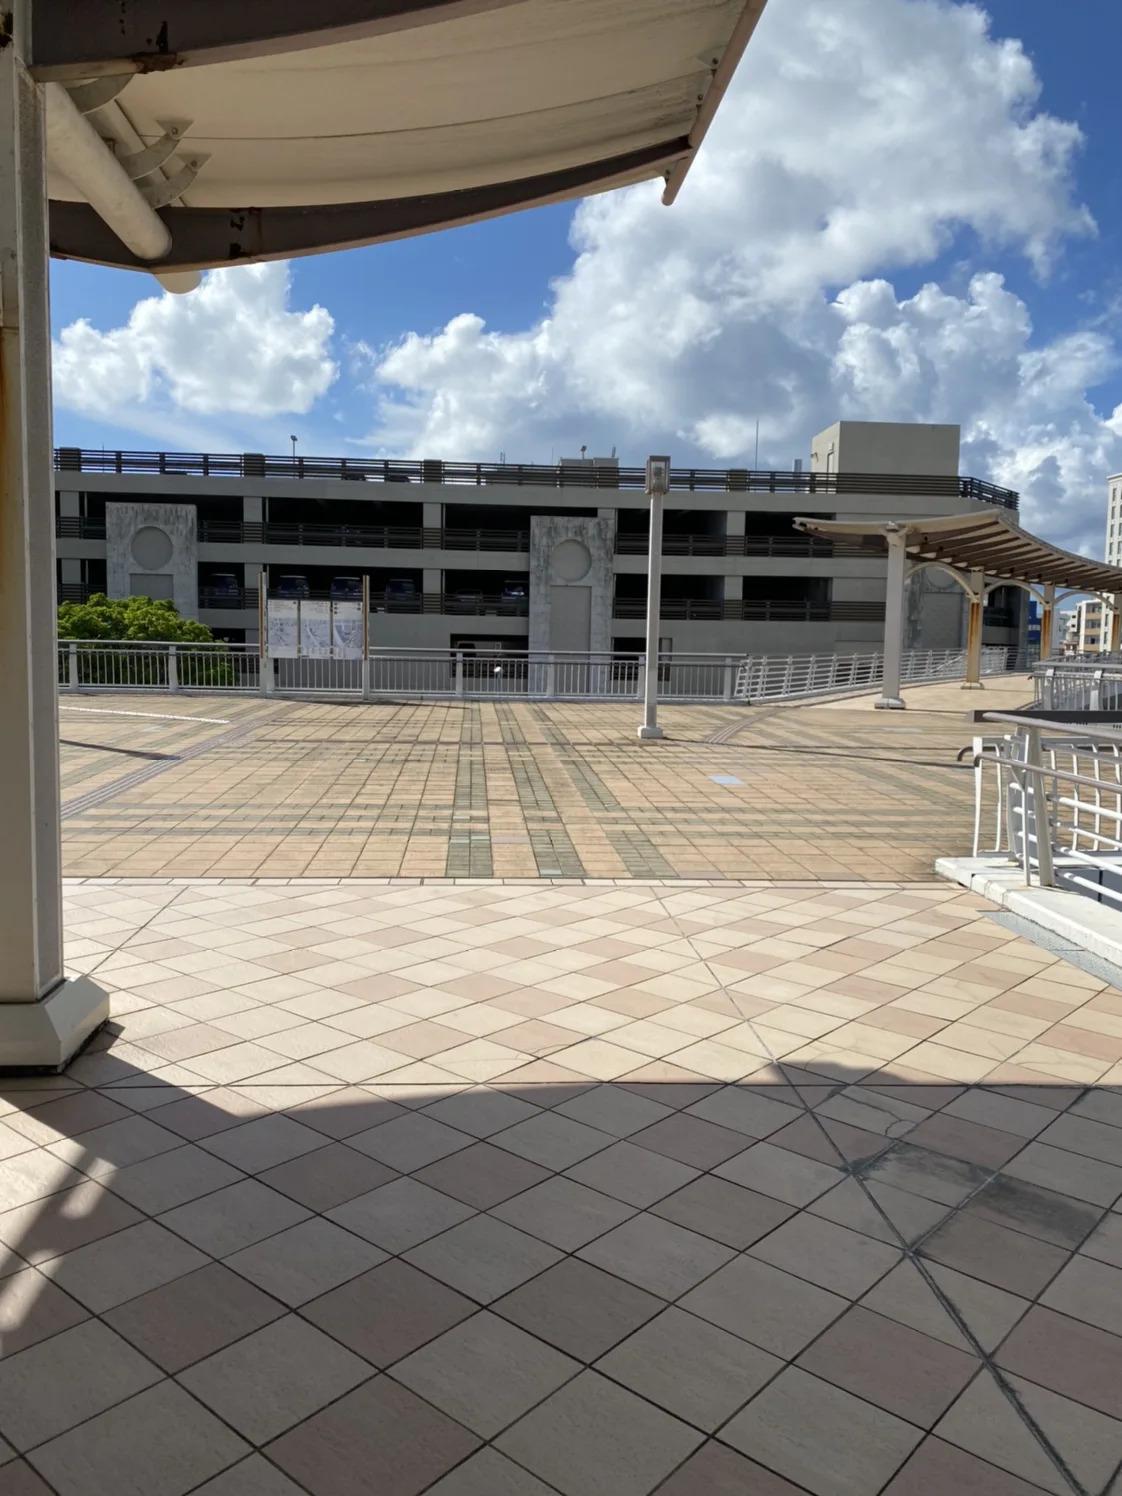 ③正面にDFS専用駐車場があるので、突き当たりを右斜め方向へ進みます。